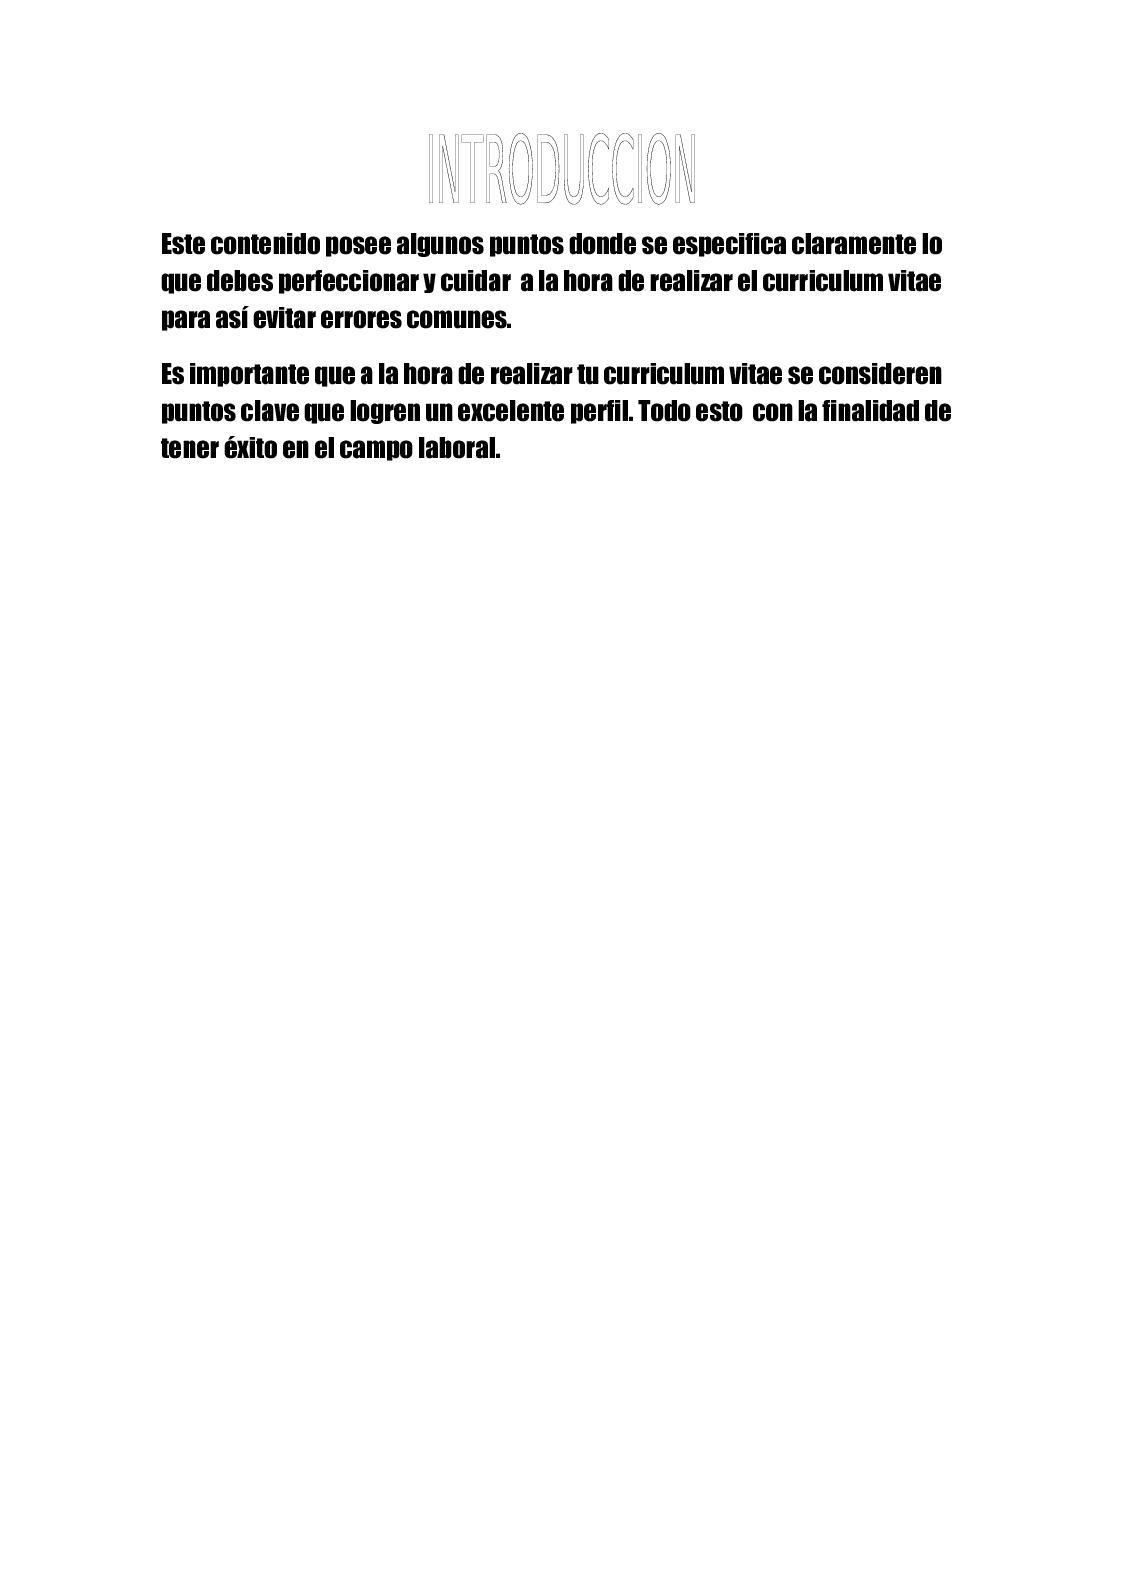 Calaméo - Curriculum